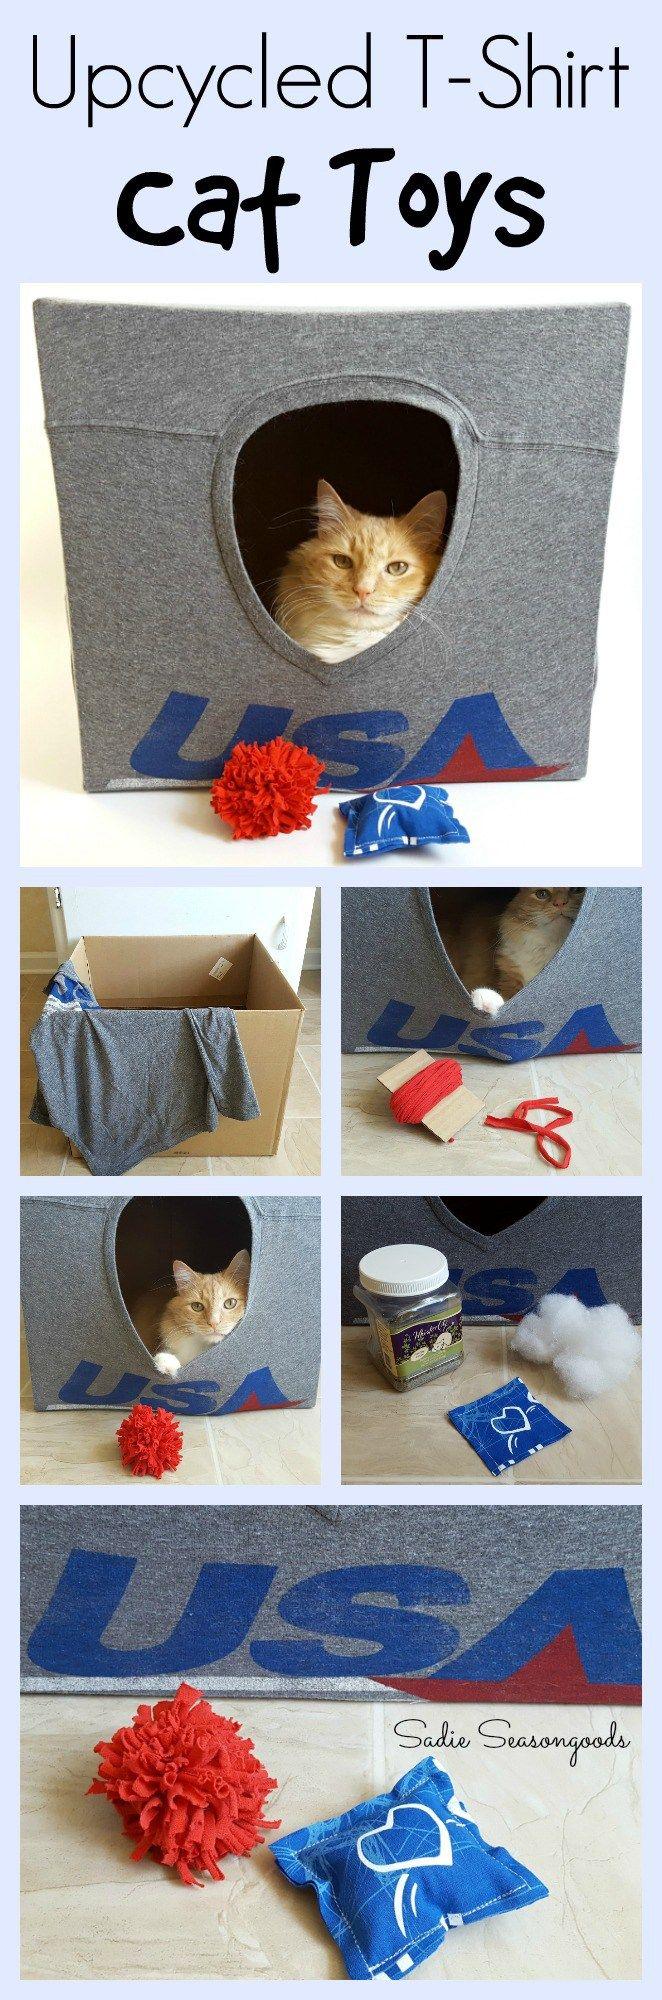 DIY camiseta cueva del gato de Tipsy Elfos y reutilizados tienda de segunda mano juguetes camiseta cat / upcycled por Sadie Seasongoods / www.sadieseasongoods.com